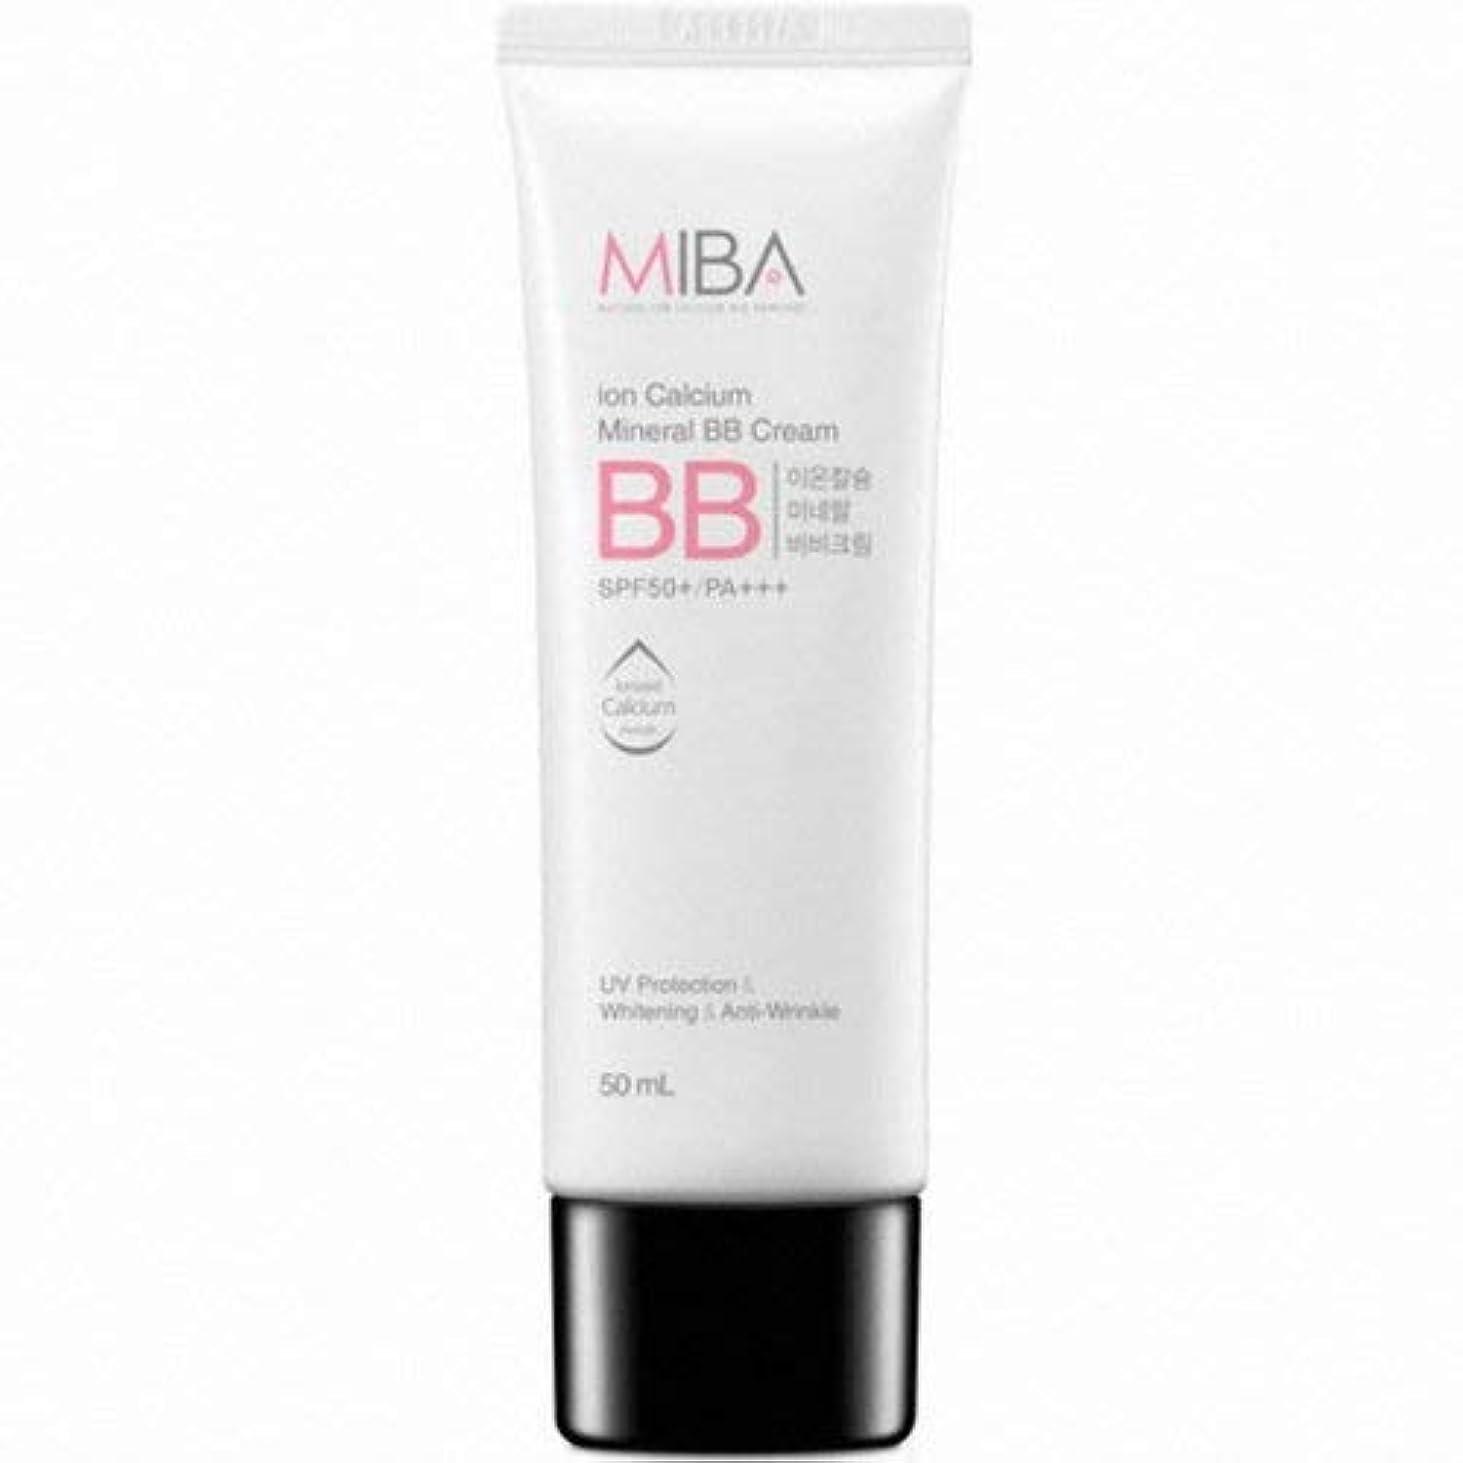 競争力のある眠っているましいMINERALBIO ミバ イオン カルシウム ミネラル ビビクリーム/MIBA Ion Calcium Mineral BB Cream (50ml) [並行輸入品]